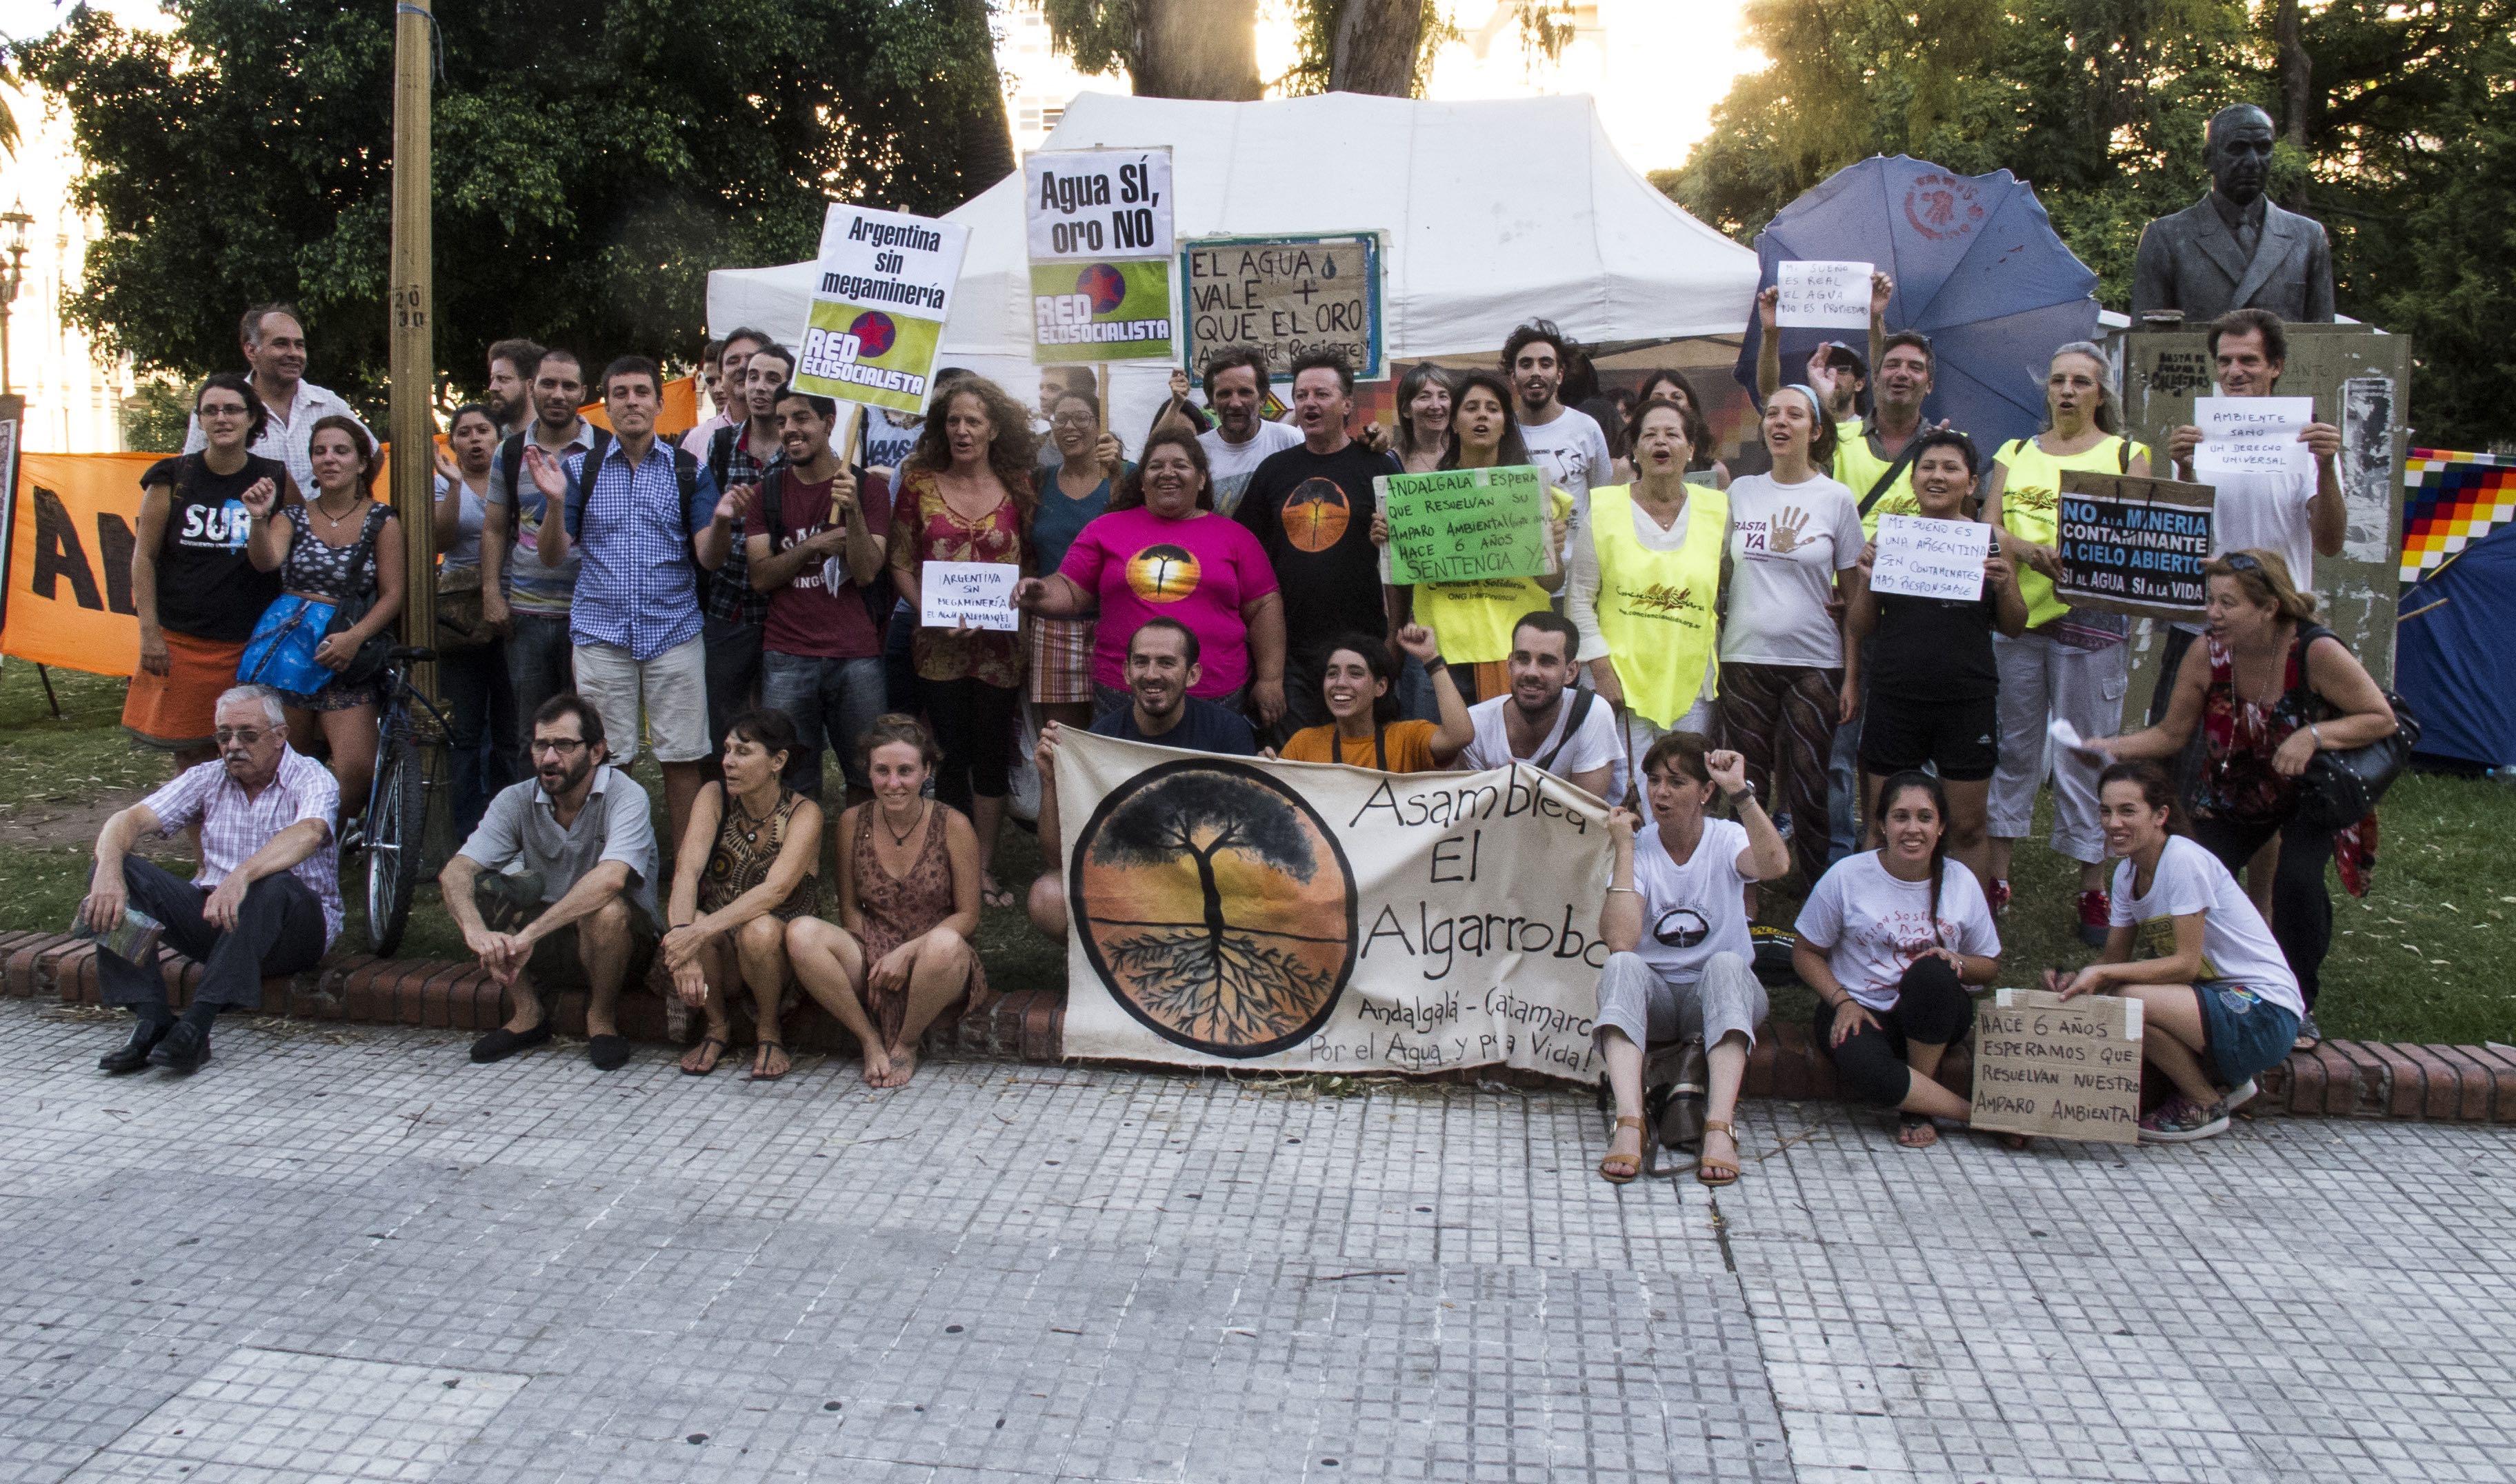 Caminata del Segundo Acampe por la Vida en apoyo a la Asamblea El Algarrobo de Andalgalá, Catamarca. Aguardan la resolución del amparo presentado ante la Corte Suprema hace 6 años. CABA. 10/02/16.-